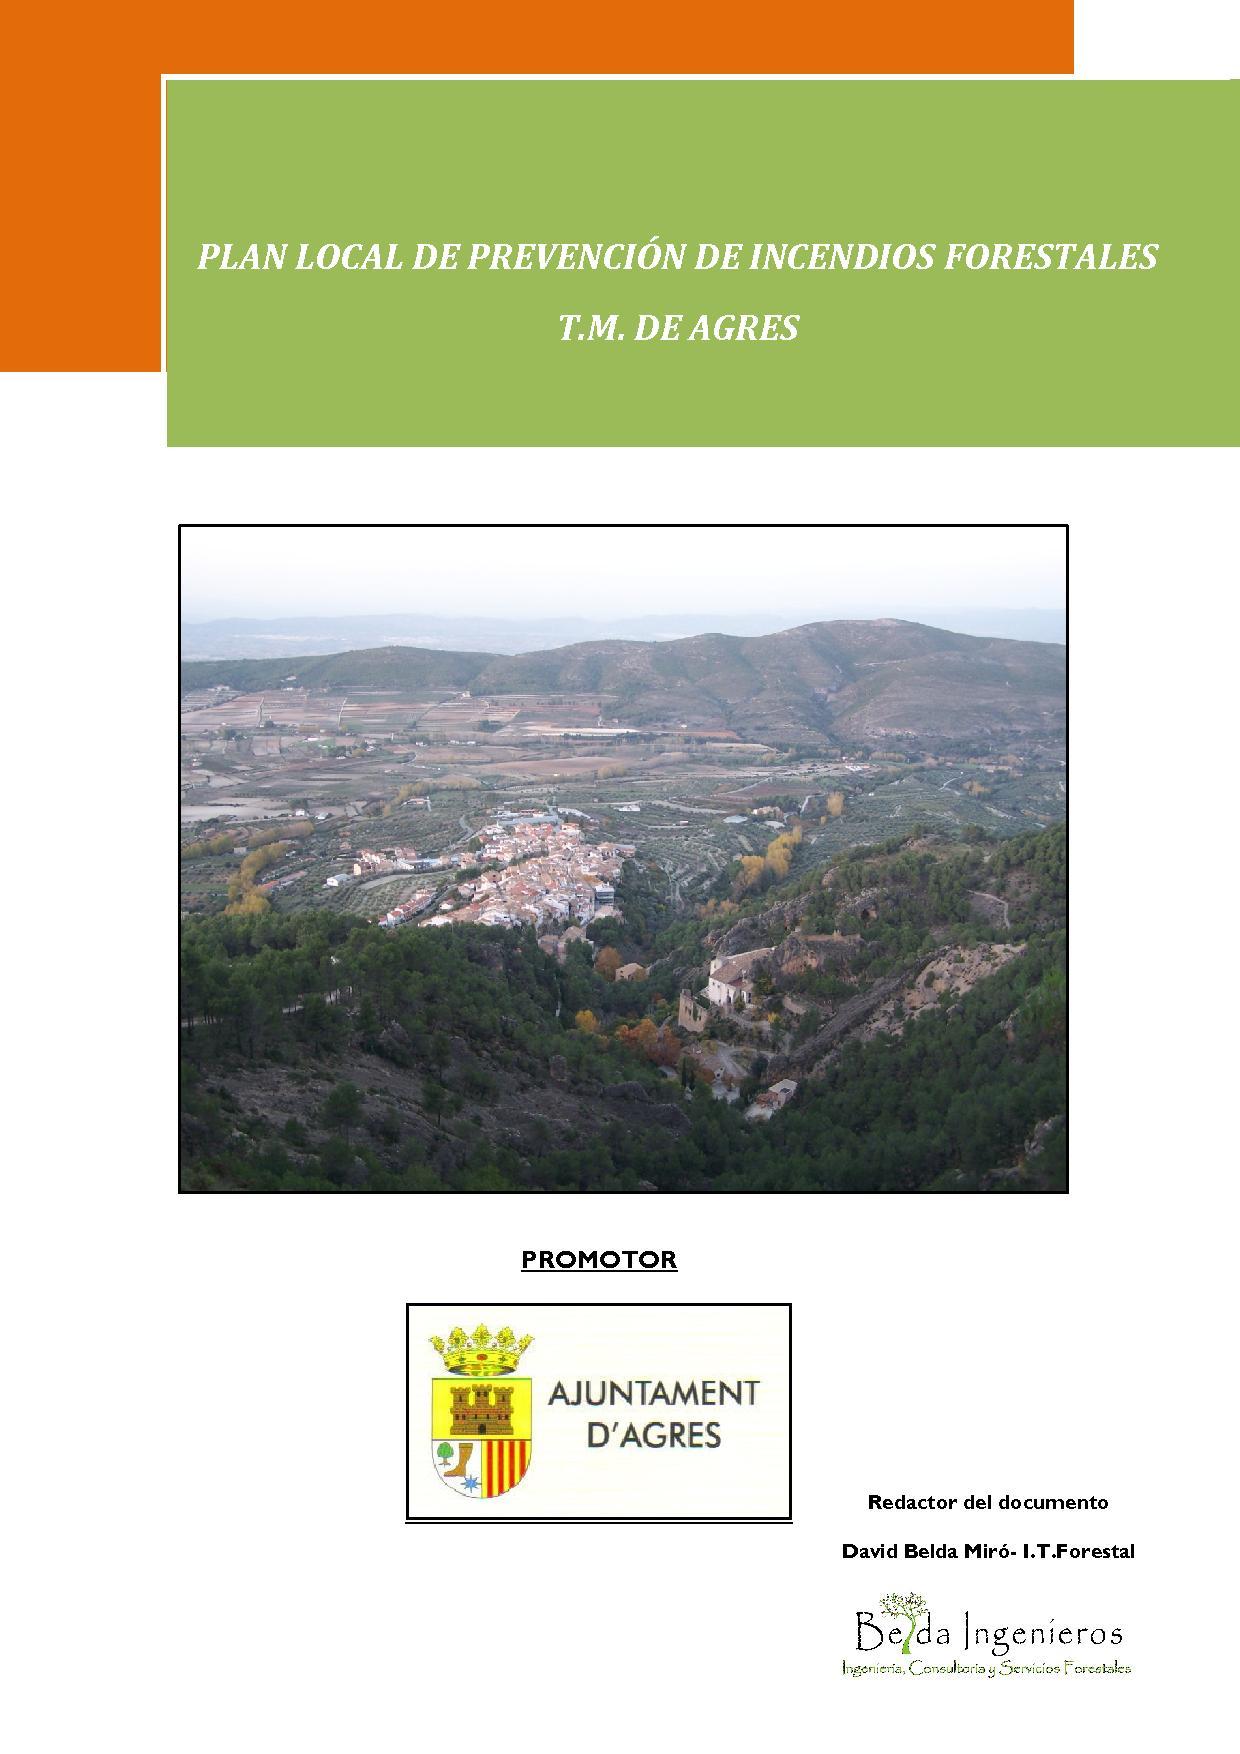 PREVENCIÓN DE INCENDIOS, FORESTALES, AGRES, MARIOLA